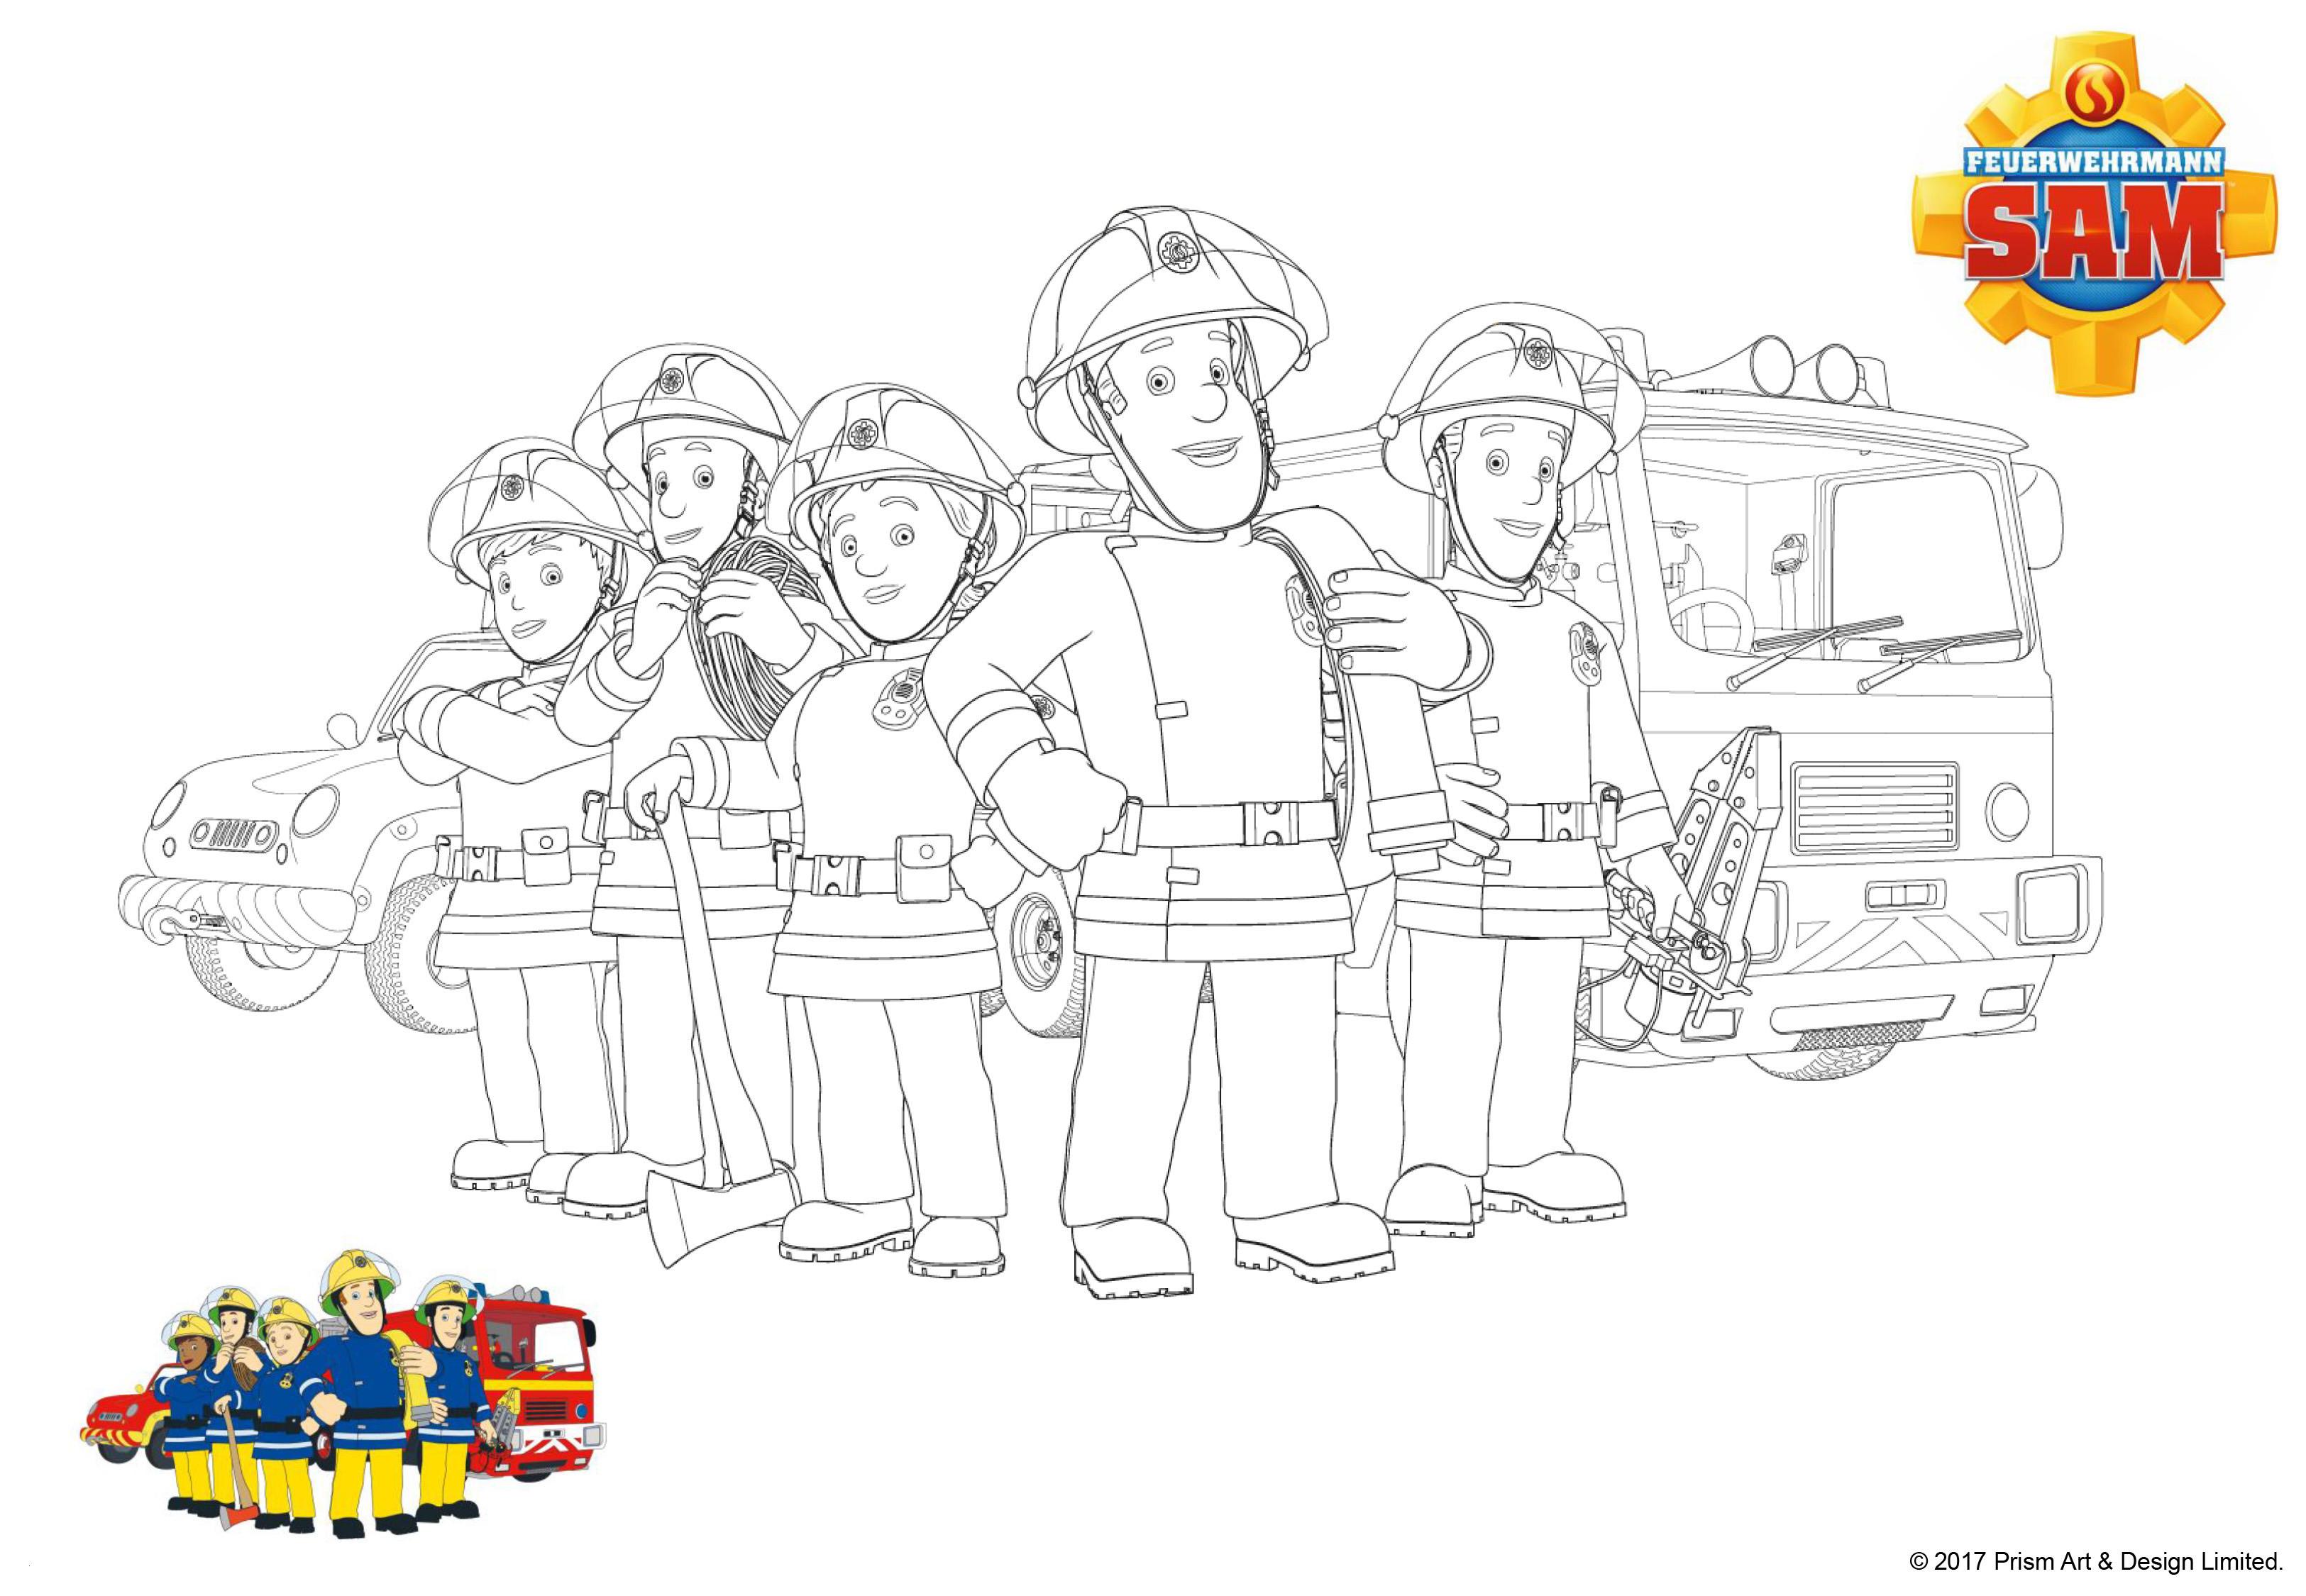 Ausmalbilder Polizei Und Feuerwehr Einzigartig 35 Malvorlagen Feuerwehrmann Sam Kostenlos forstergallery Sammlung